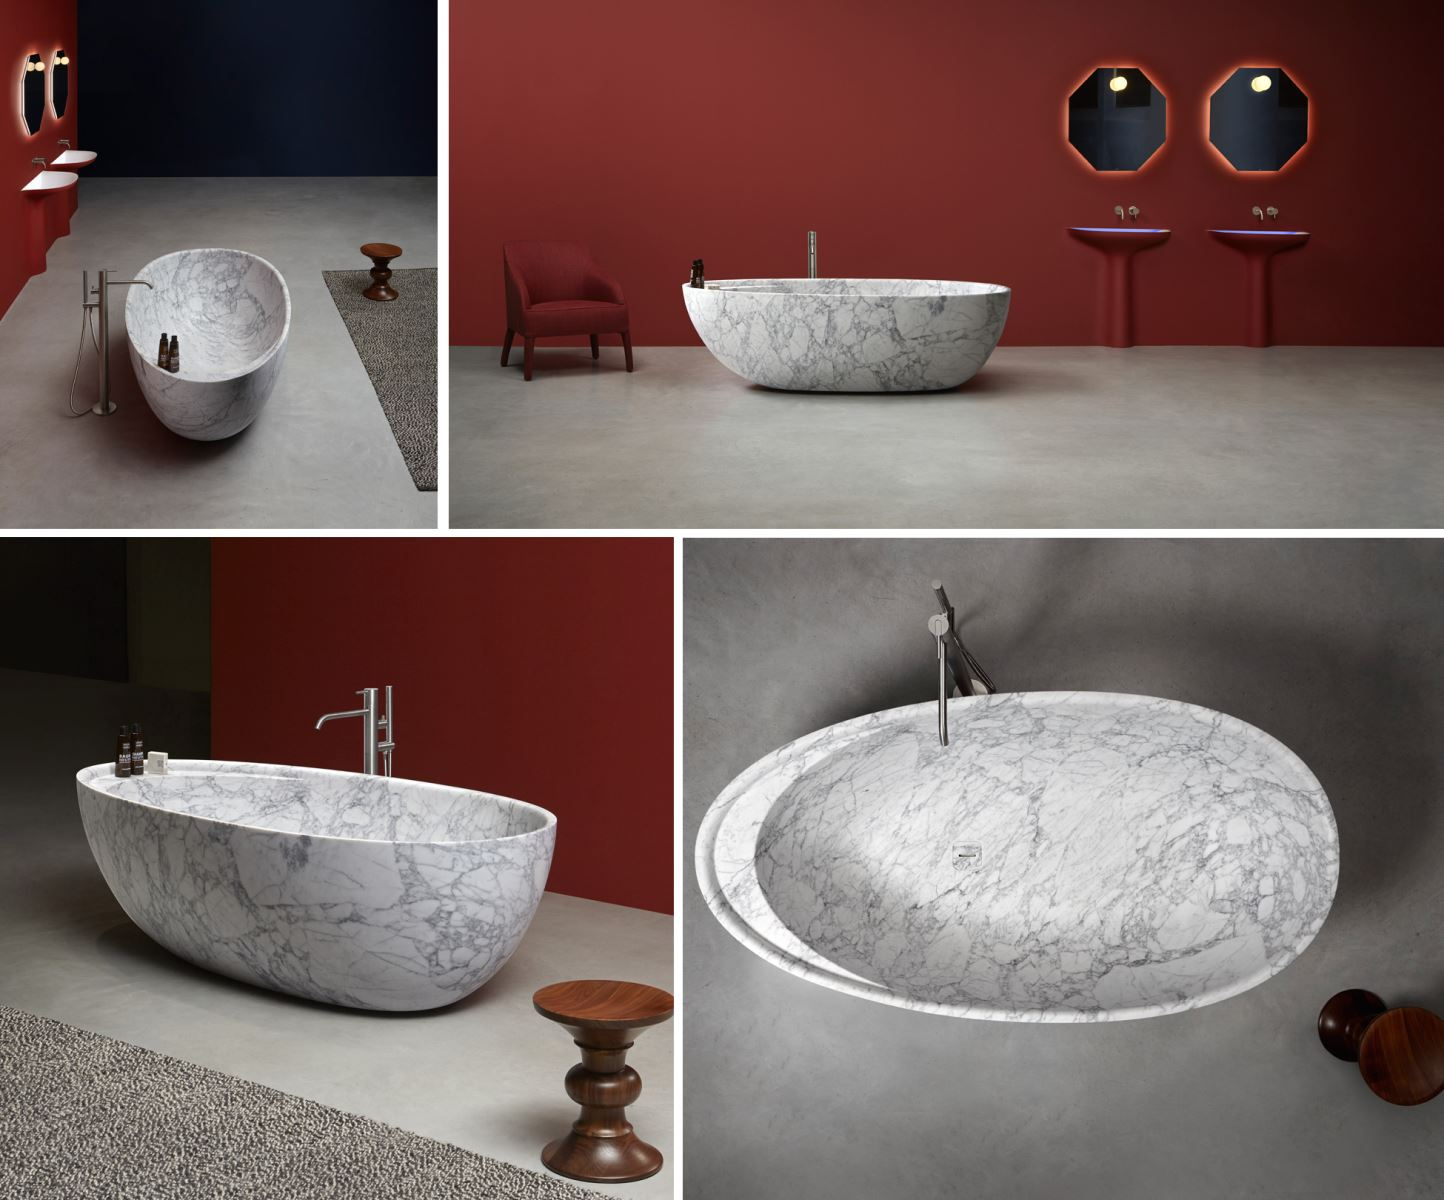 Vasca Da Bagno Ceramica Esiste Ancora : Vasca bagno in pietra